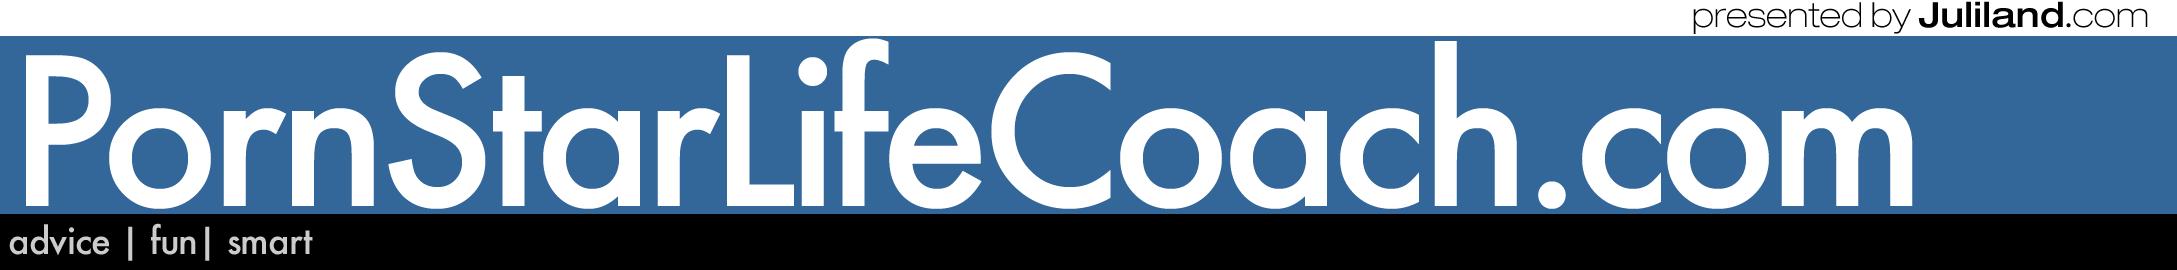 PornStarLifeCoach.com Retina Logo